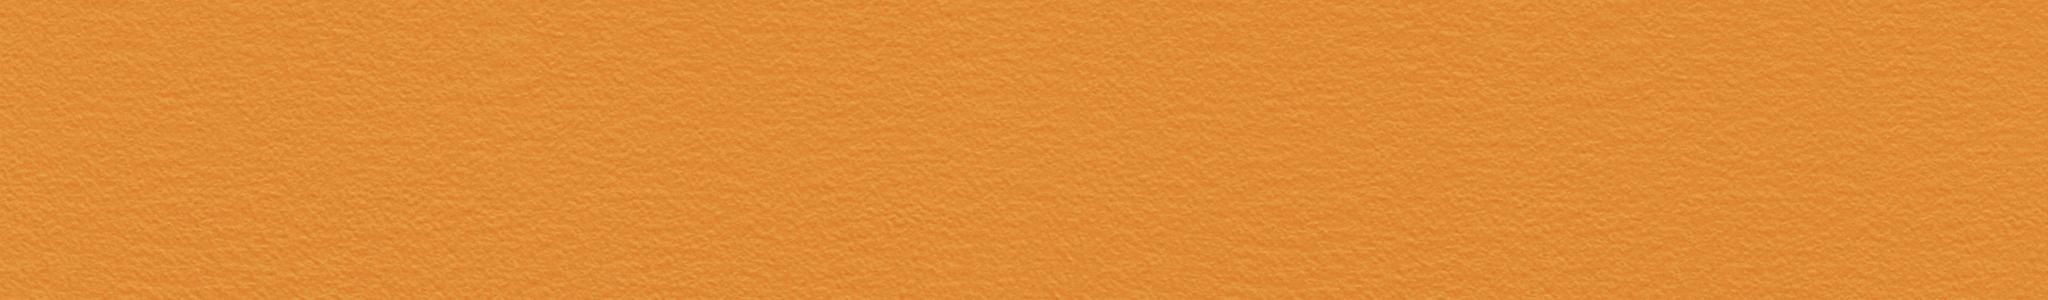 HU 181987 ABS Edge Brown Soft Pearl 107